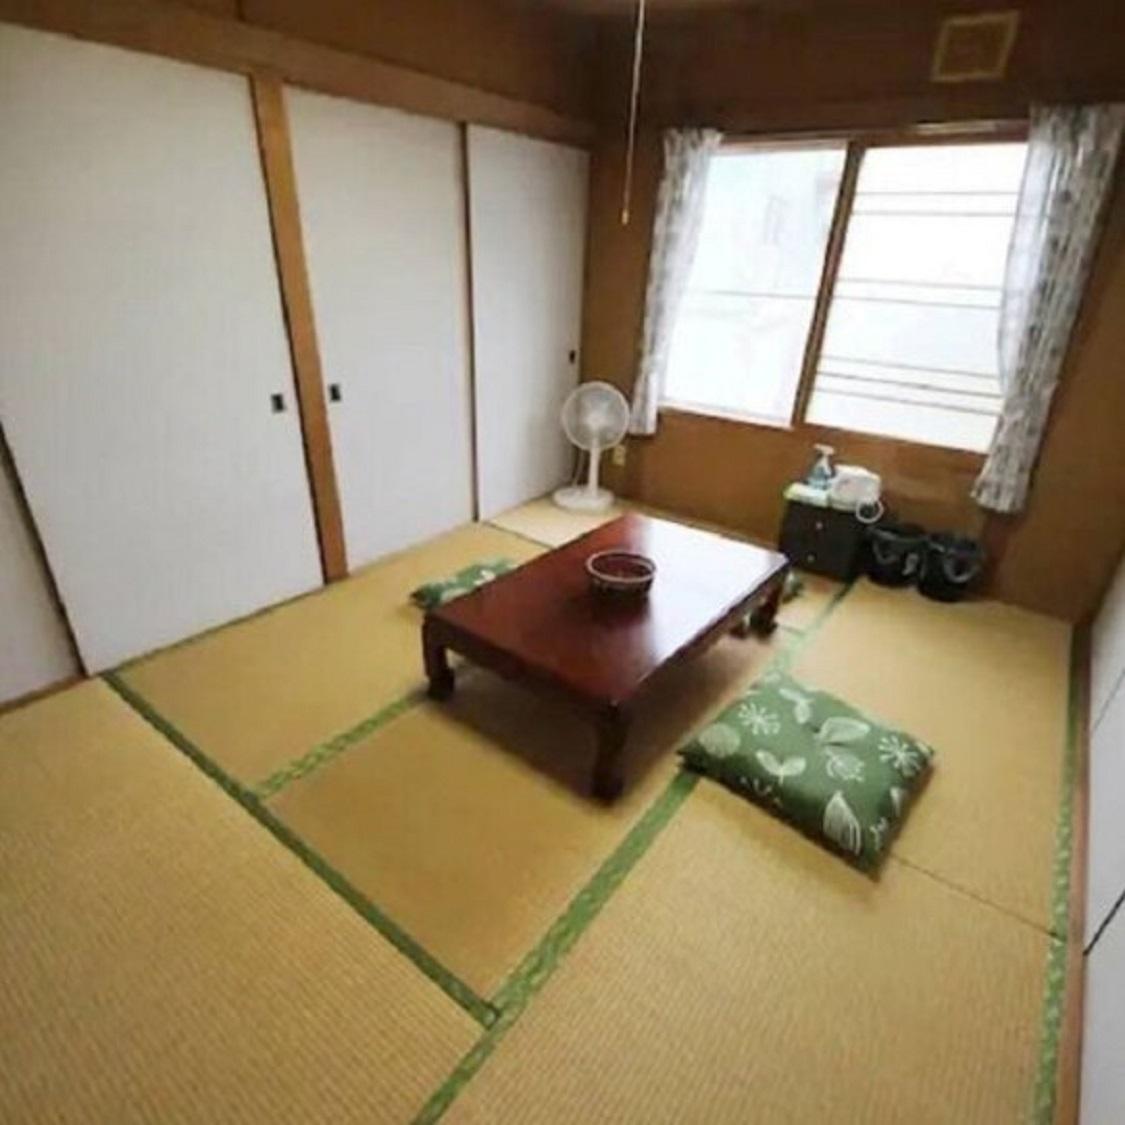 ゲストハウス山田 北湯沢温泉/民泊【Vacation STAY提供】